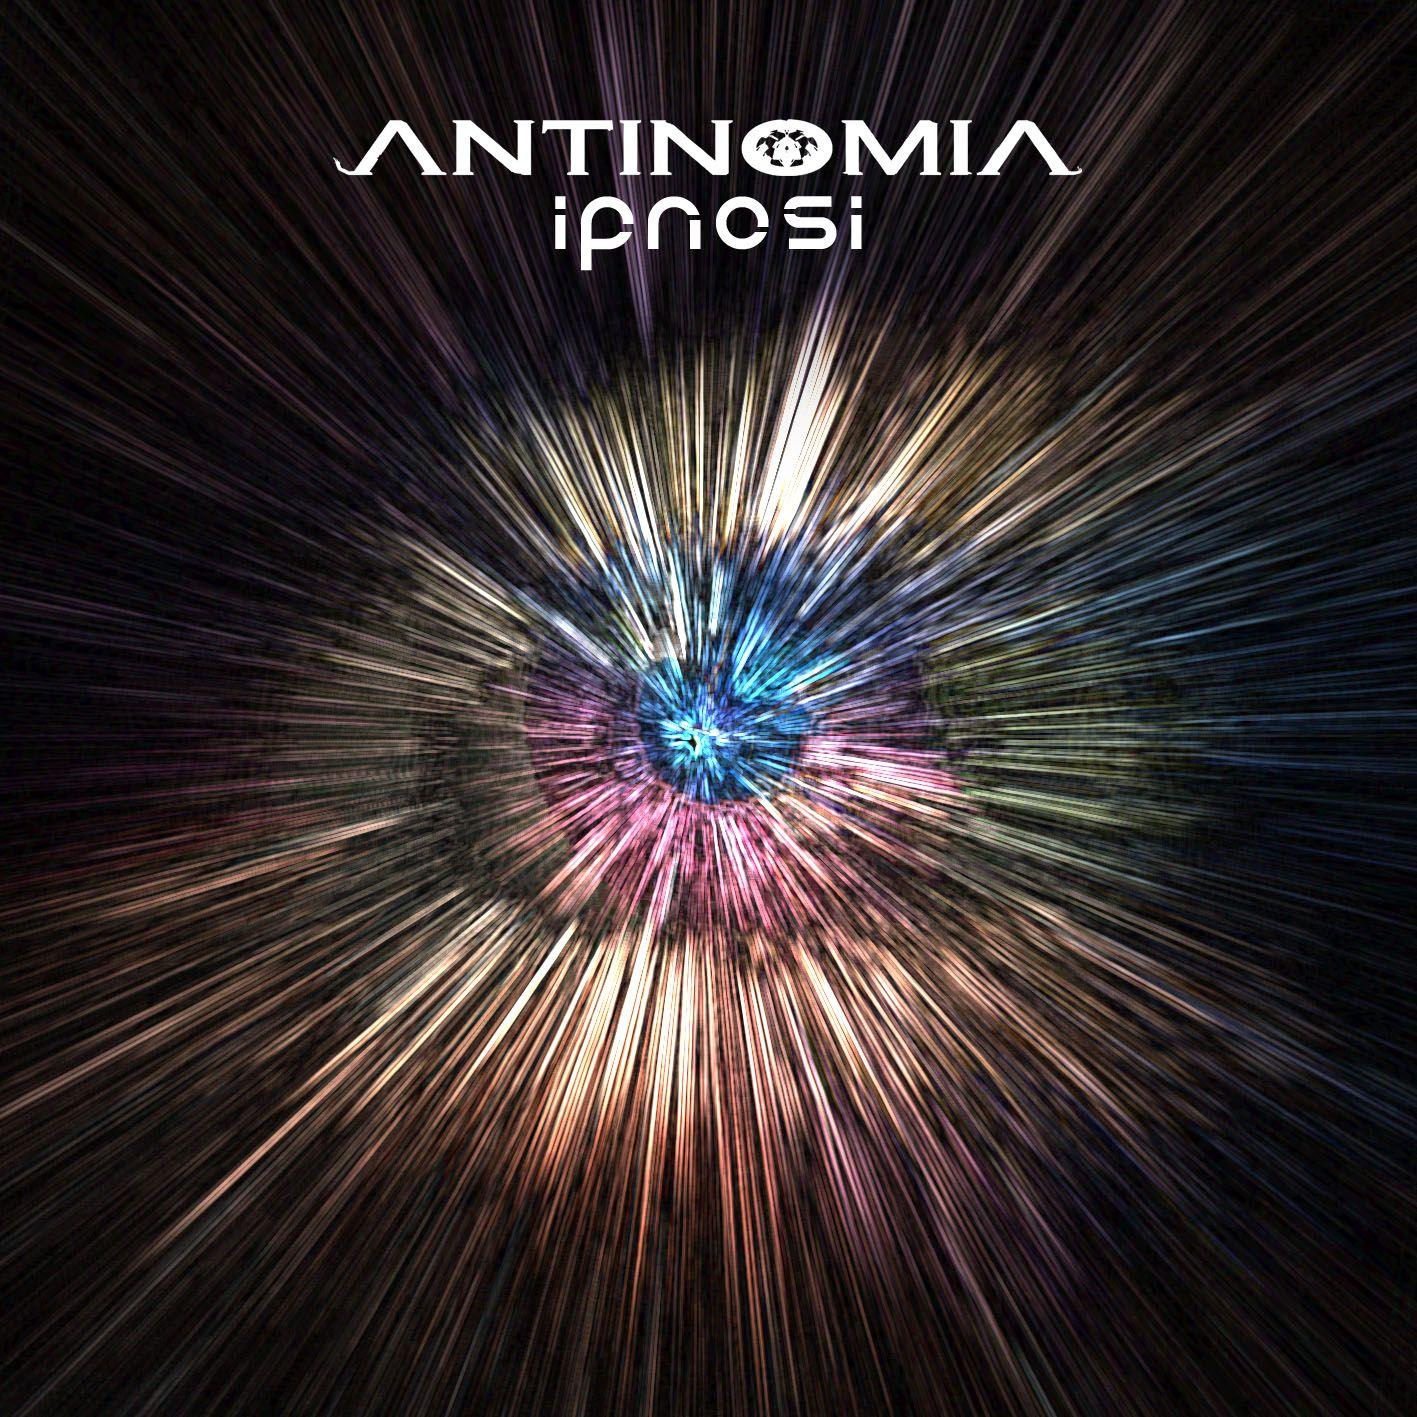 CANAVESE - Antinomia, «Ipnosi»: il primo inedito della band ripubblicato per il decimo anniversario